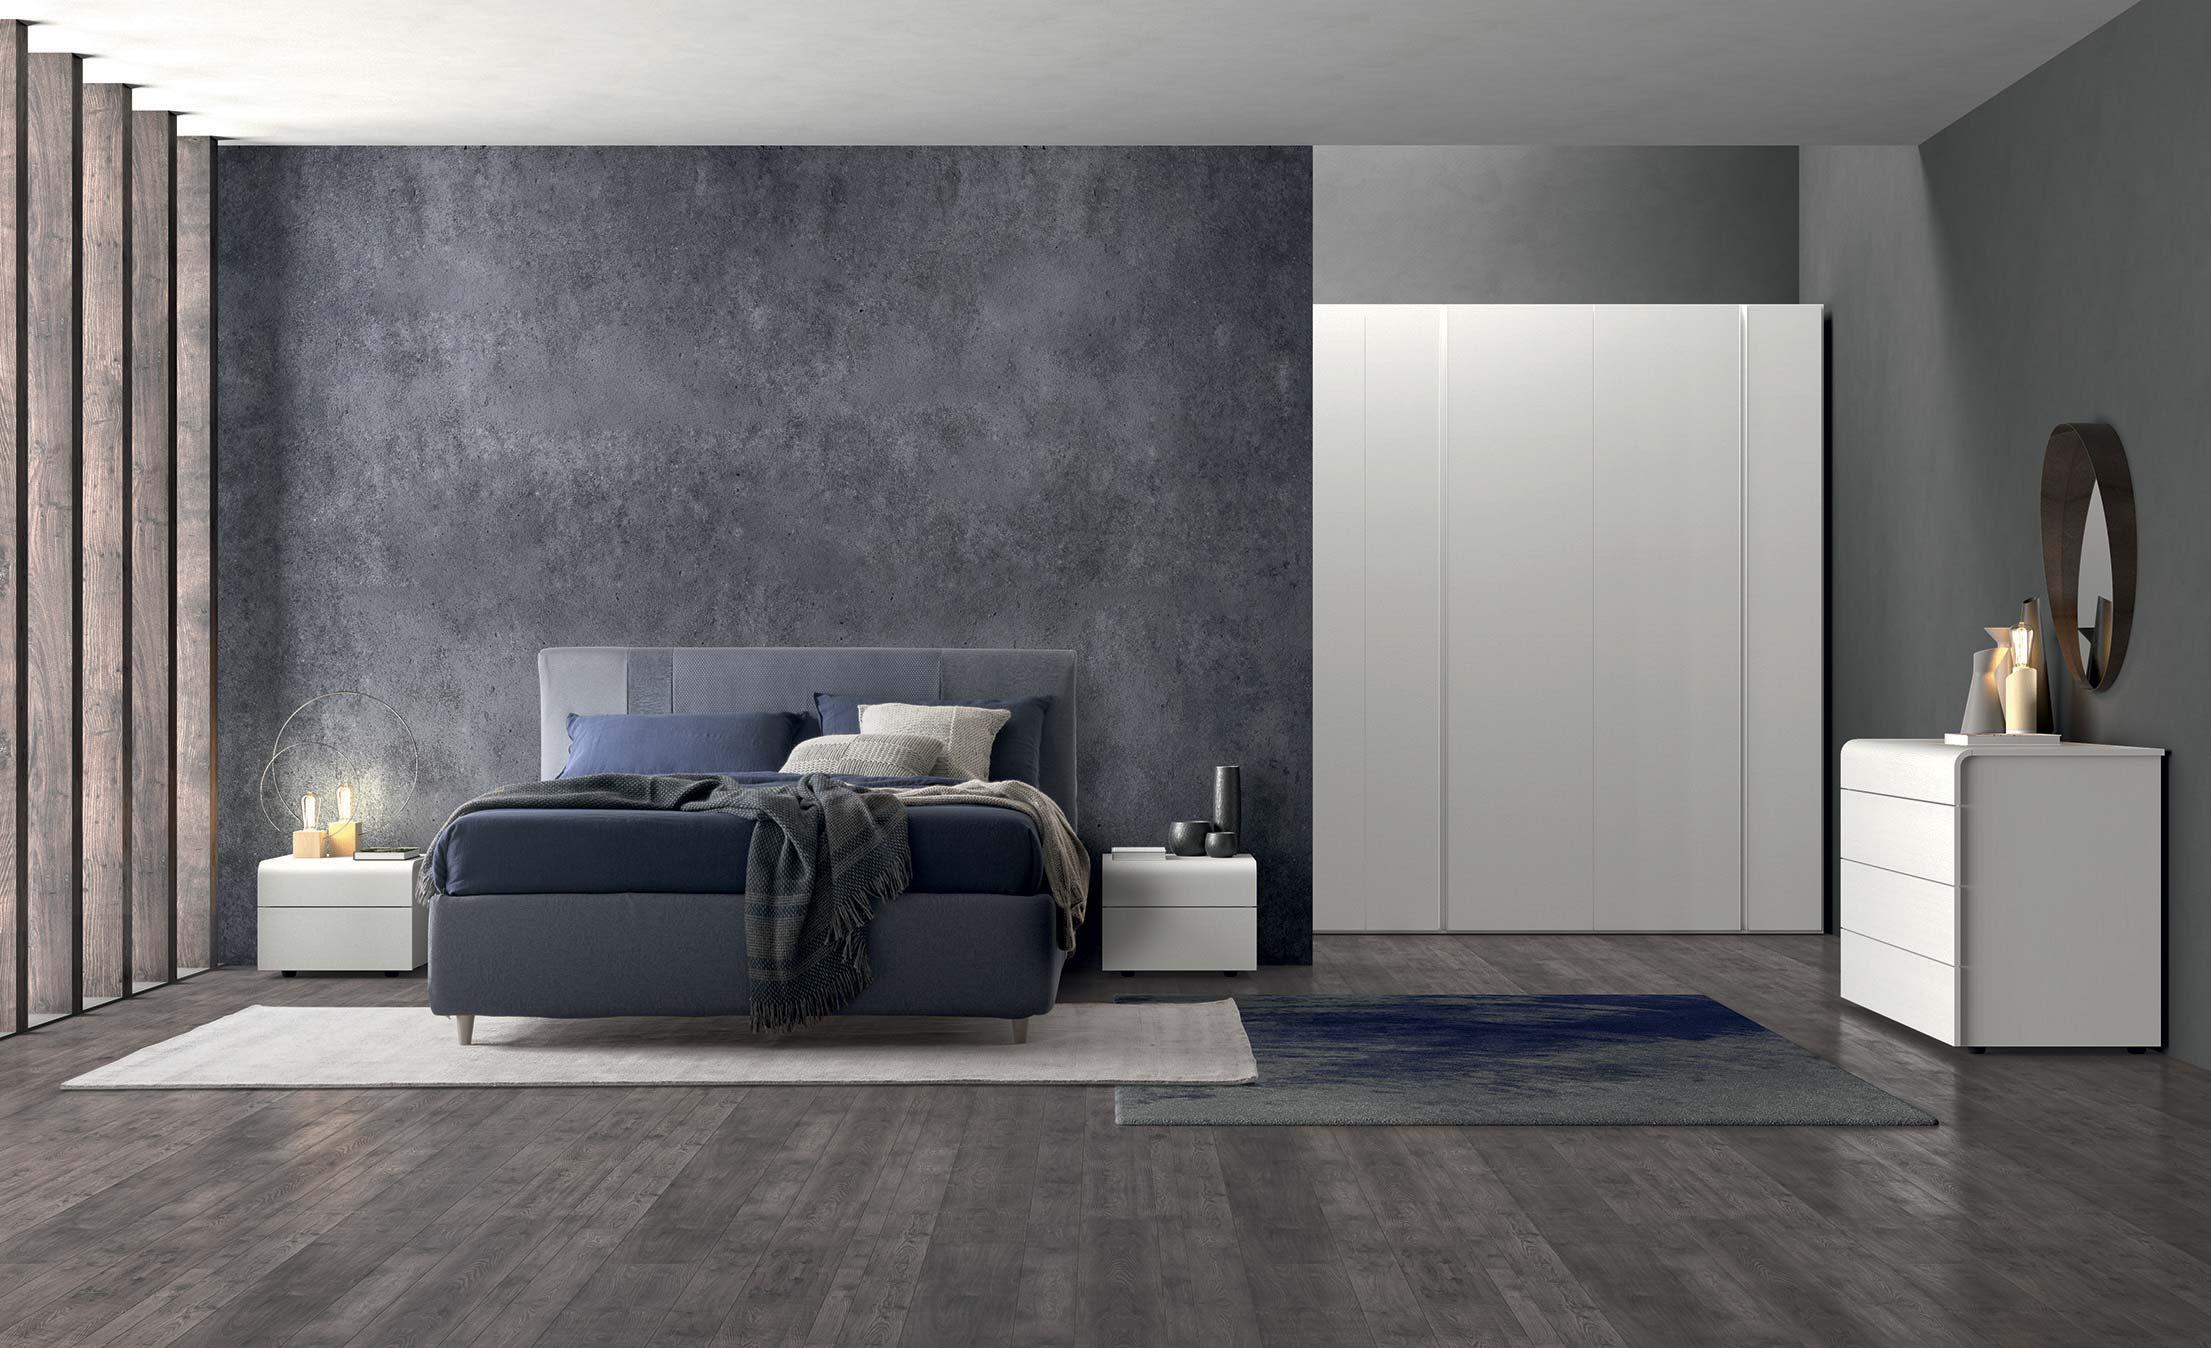 Camera da letto S30 Vitality Cube – Pignoloni Arreda